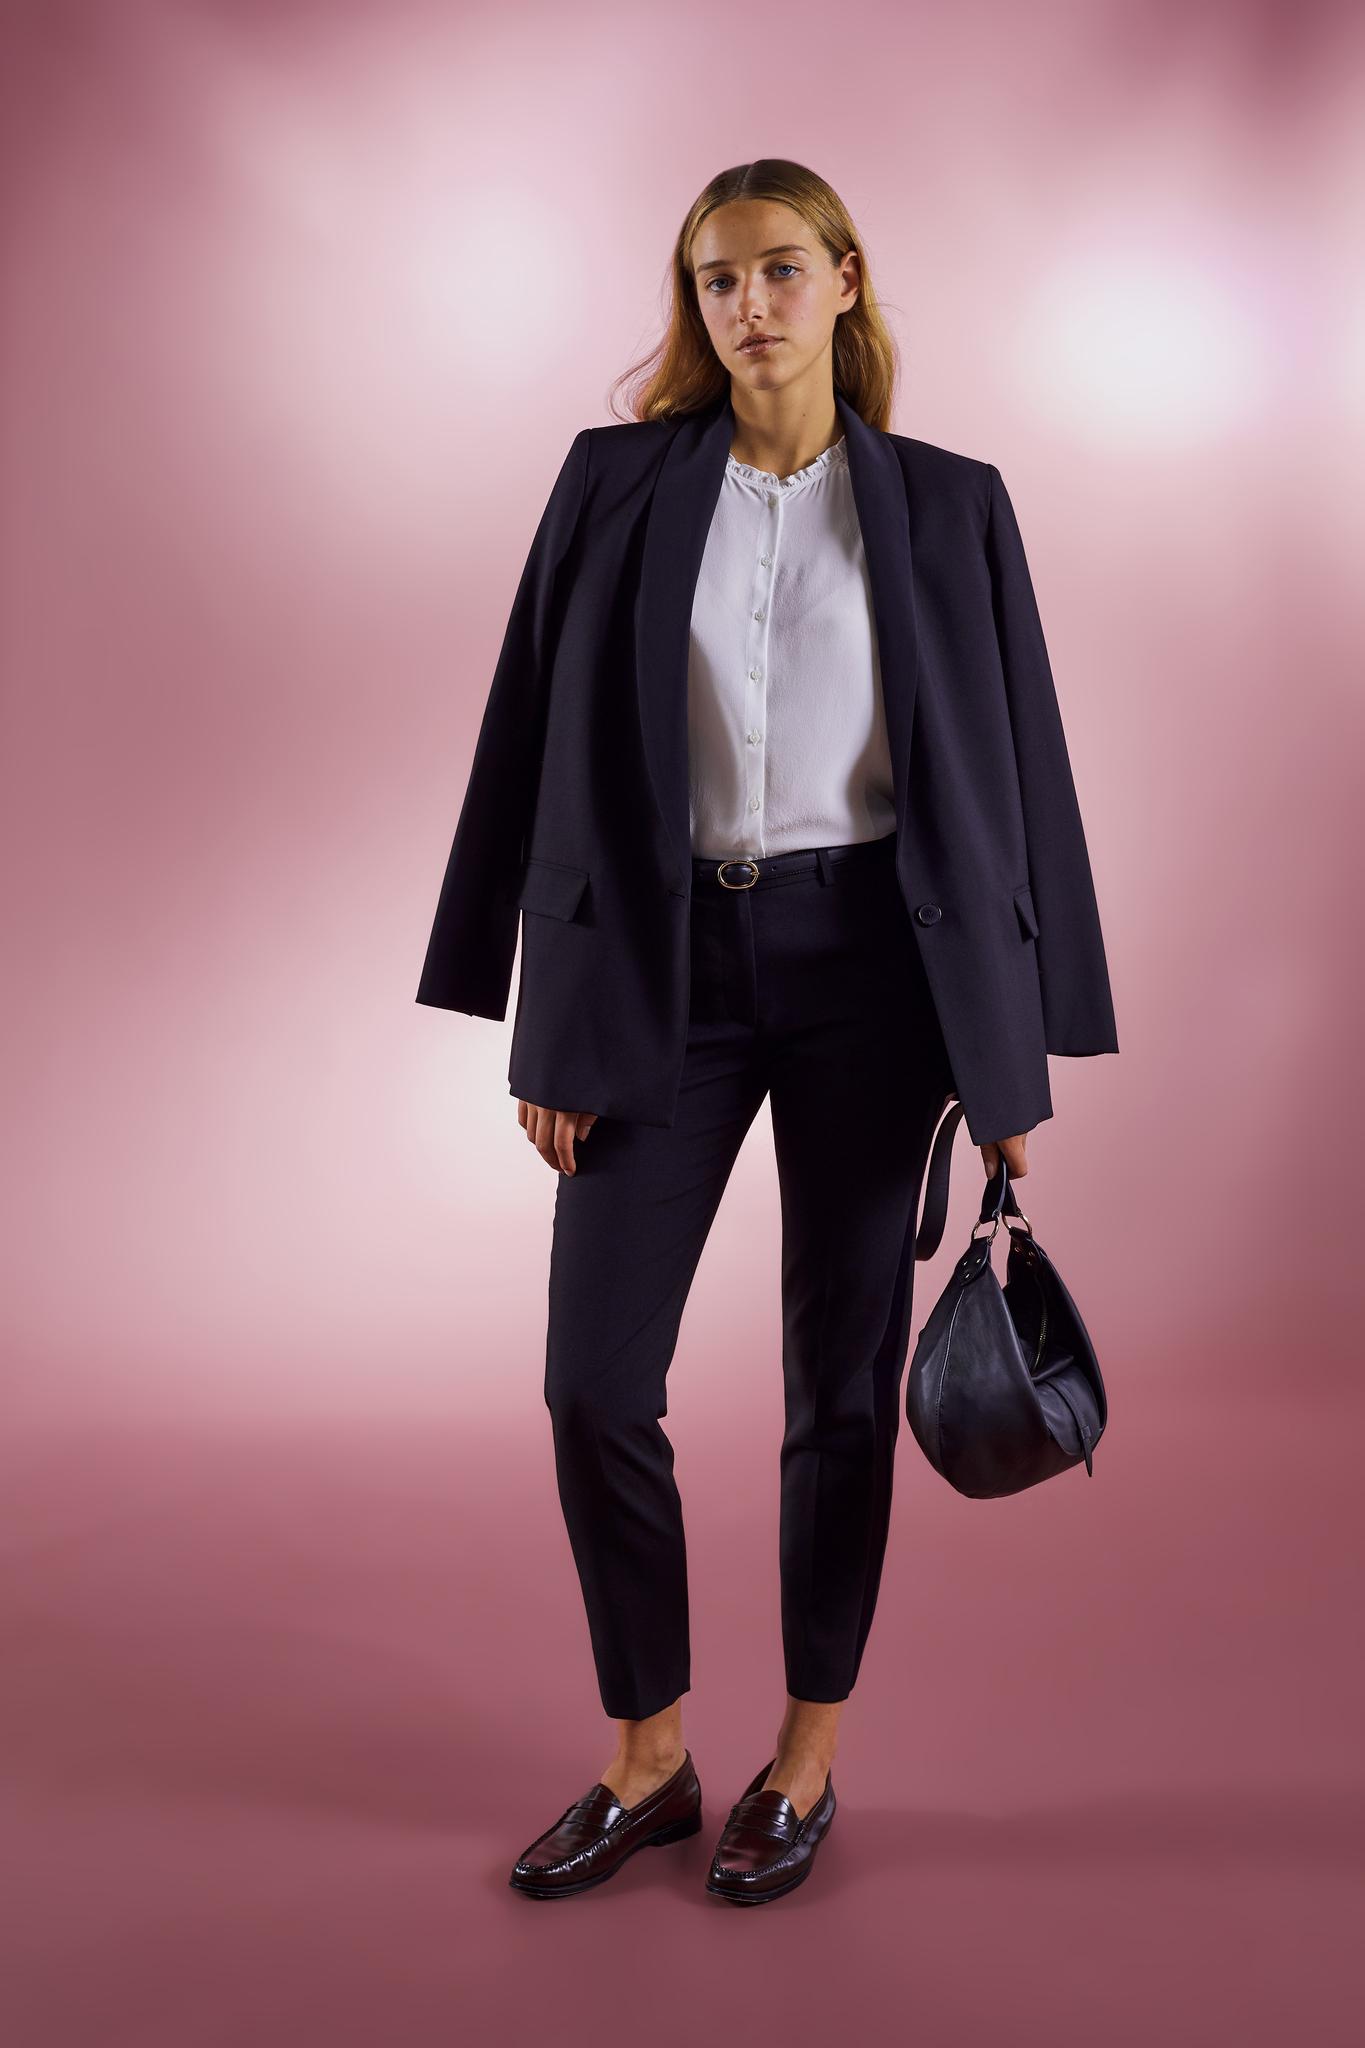 JULES - Прямые брюки с атласной вставкой